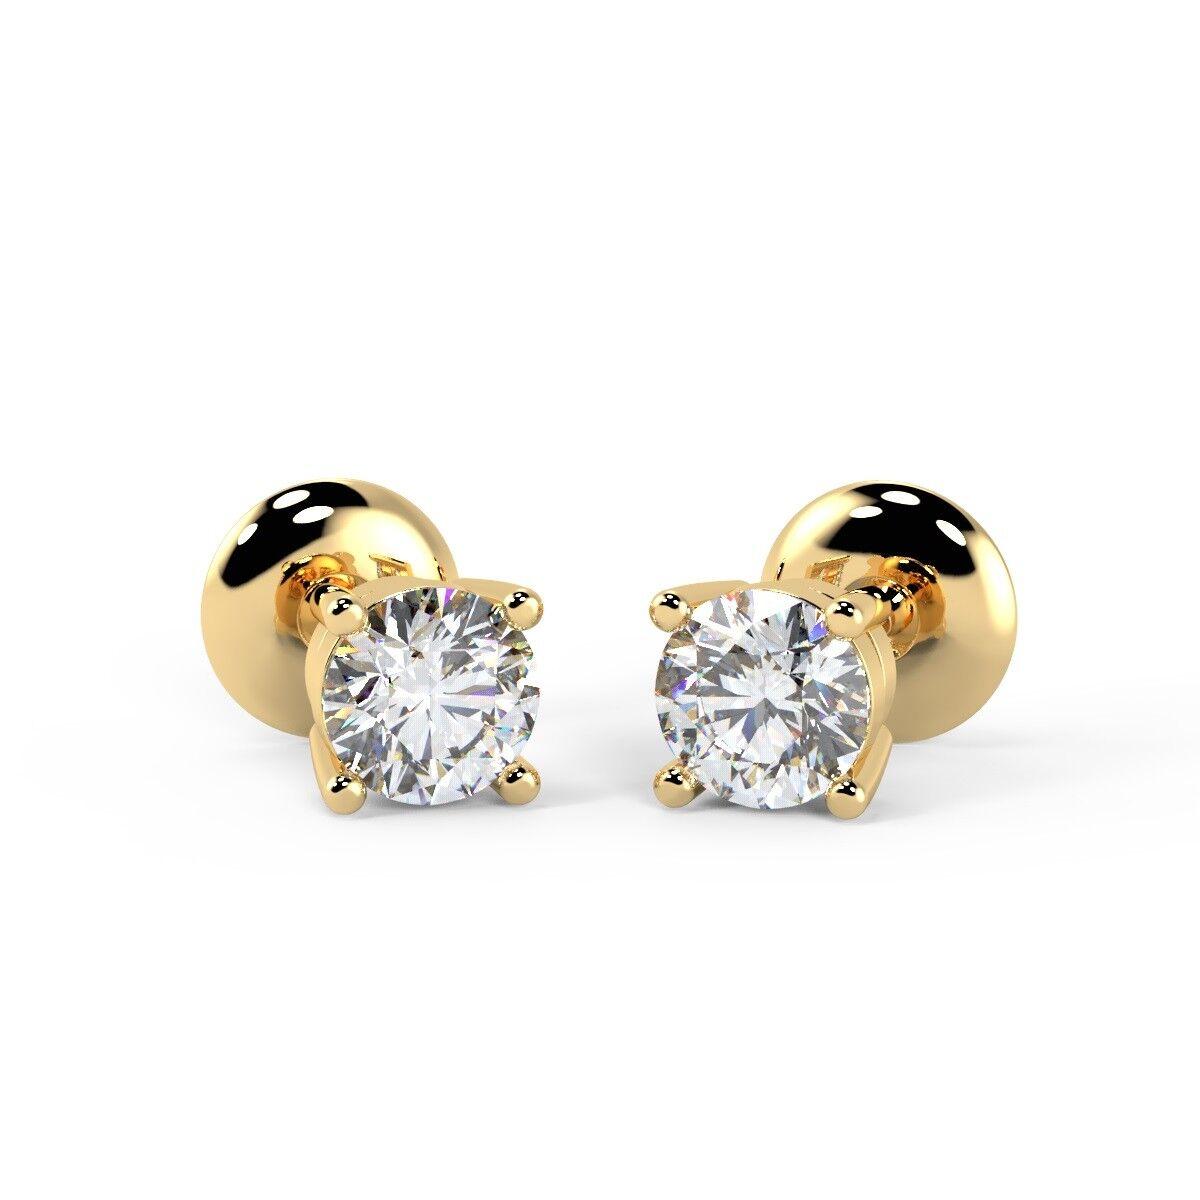 0.25 Carat Round Diamond Stud Earrings, UK Hallmarked 18k Yellow gold